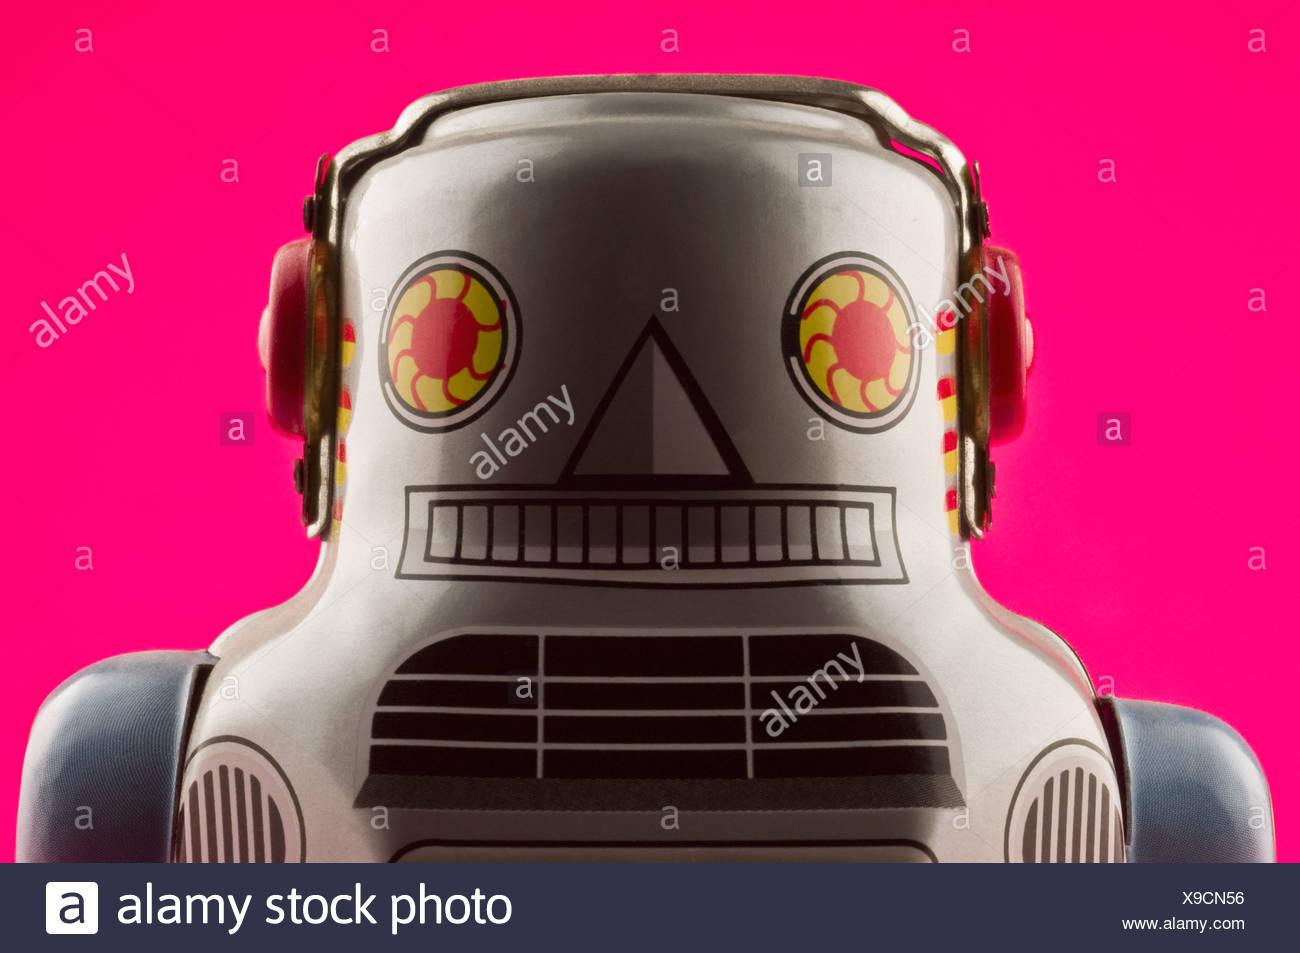 Spielzeugroboter Stockbild